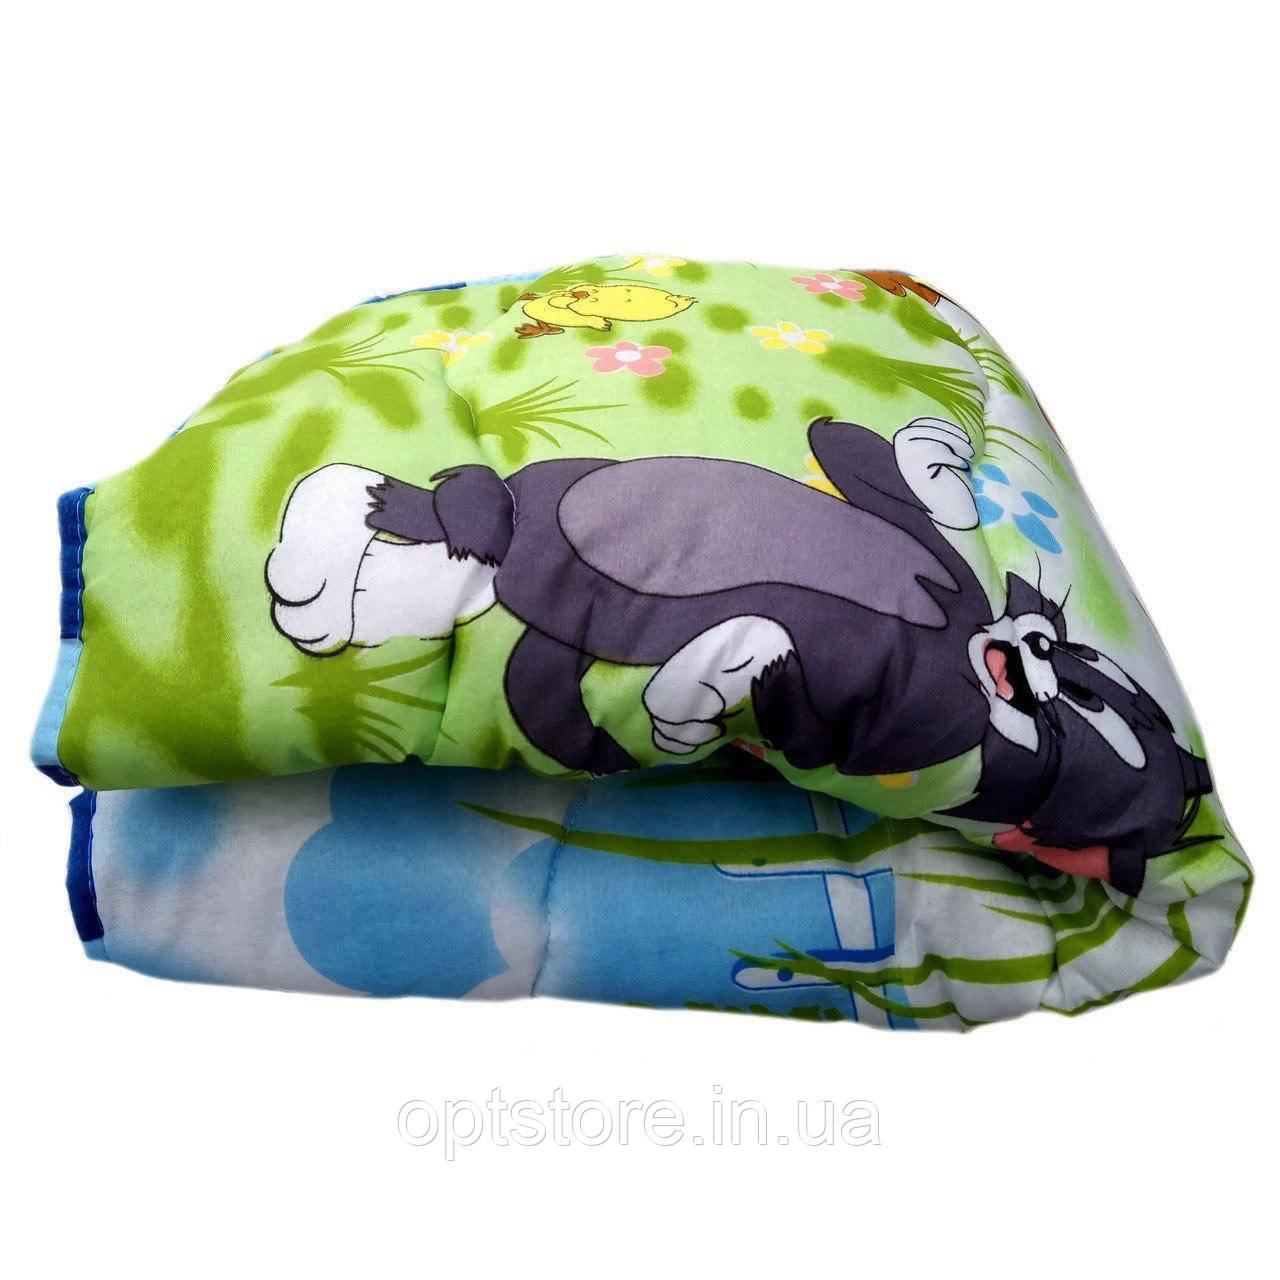 Дитяче ковдру холлофайбер 110/140 тканина полікотон